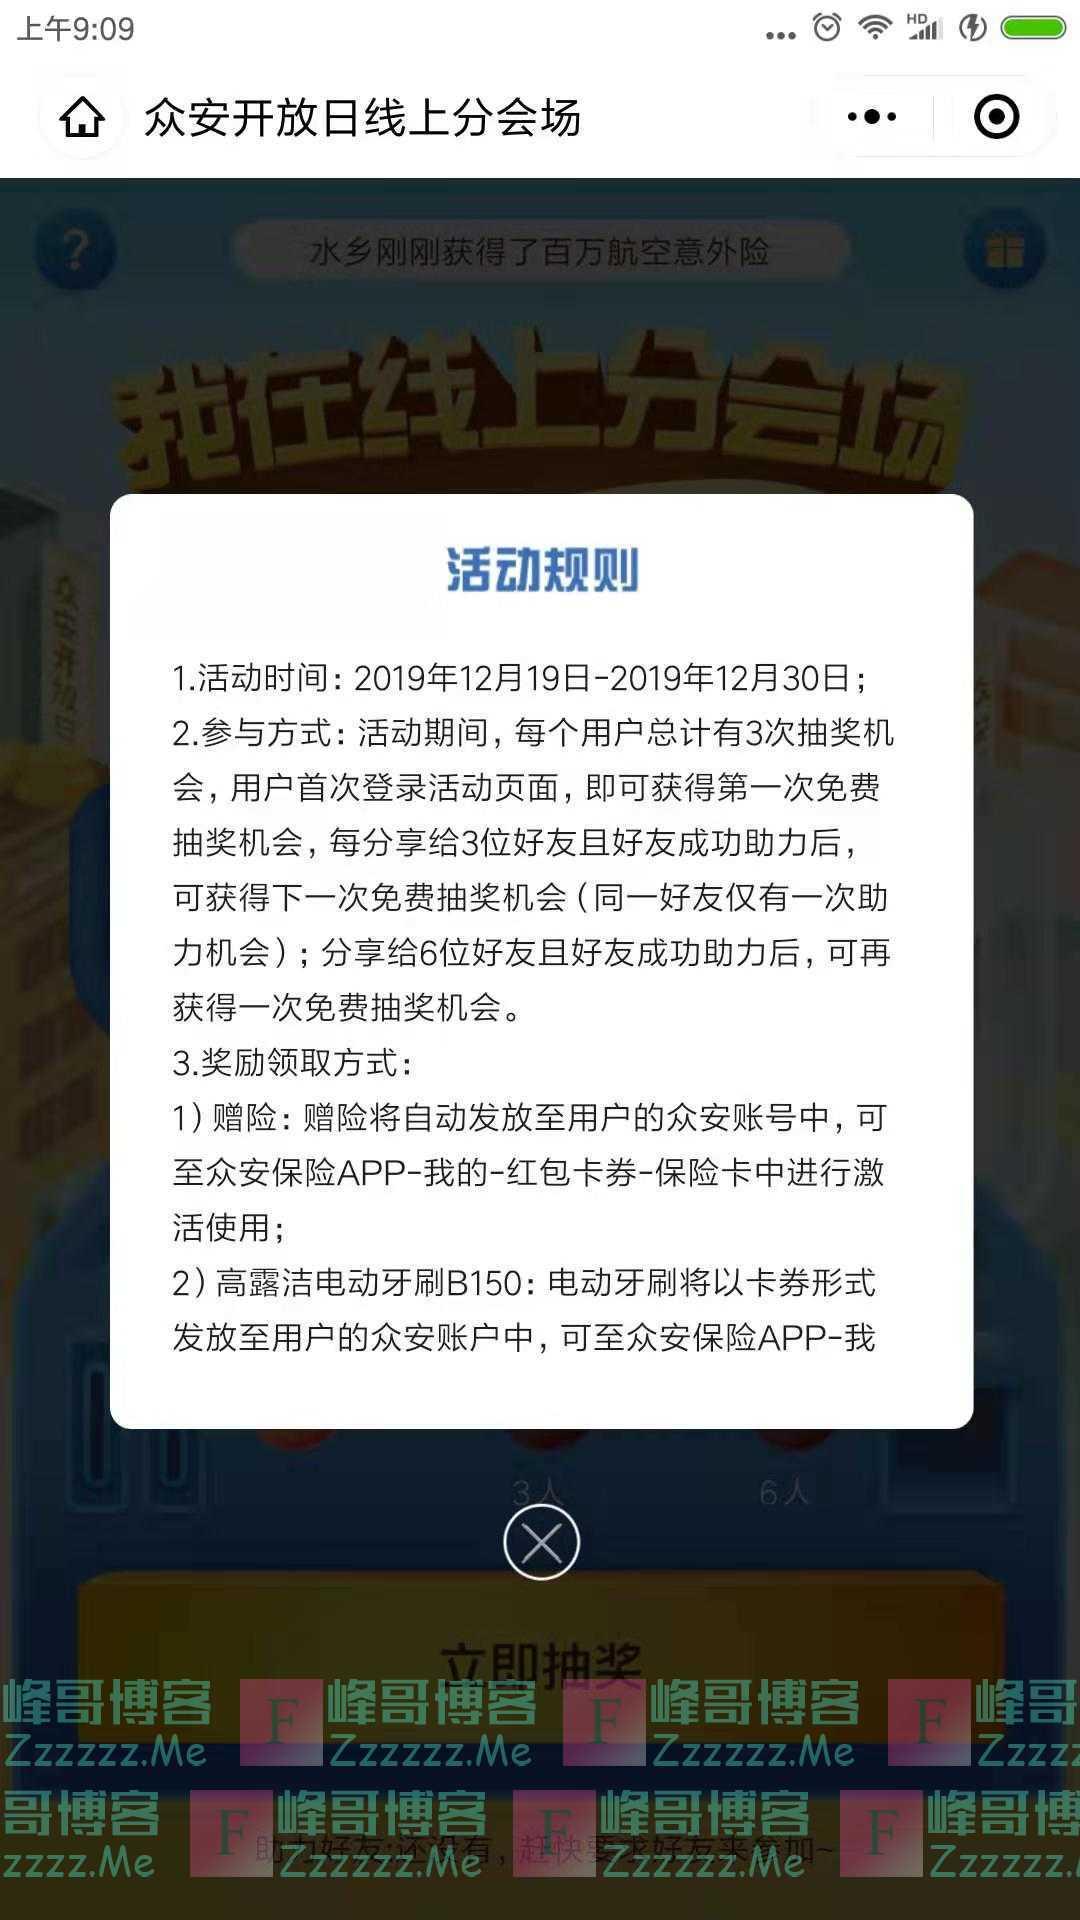 众安保险2019众安开放日,解锁神秘大礼(截止12月30日)